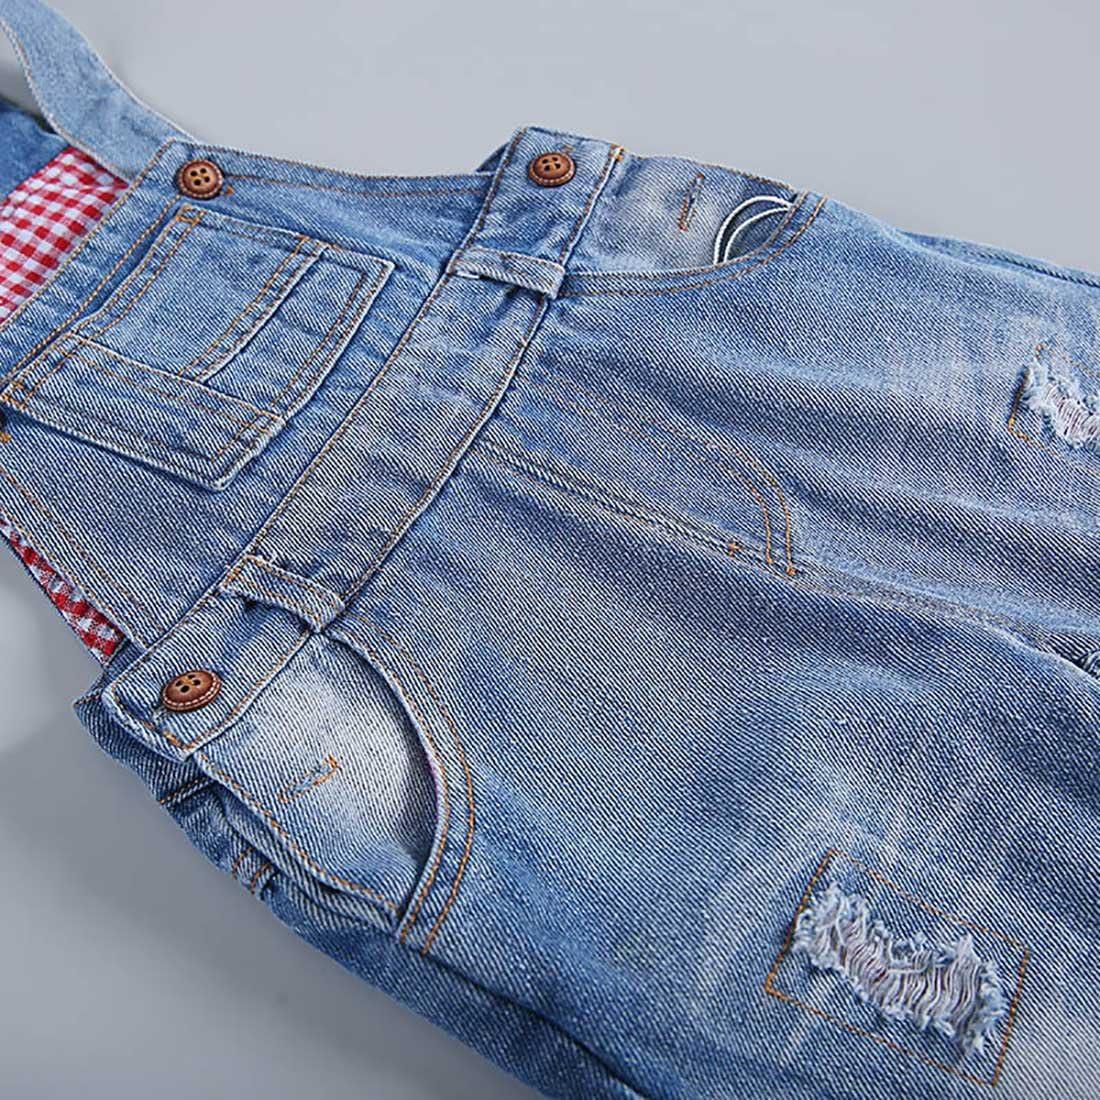 FEOYA Salopettes en Denim B/éb/é Fille Gar/çon Pantalons Combinaison Enfant pour Printemps Et/é Automne 6-36 Mois